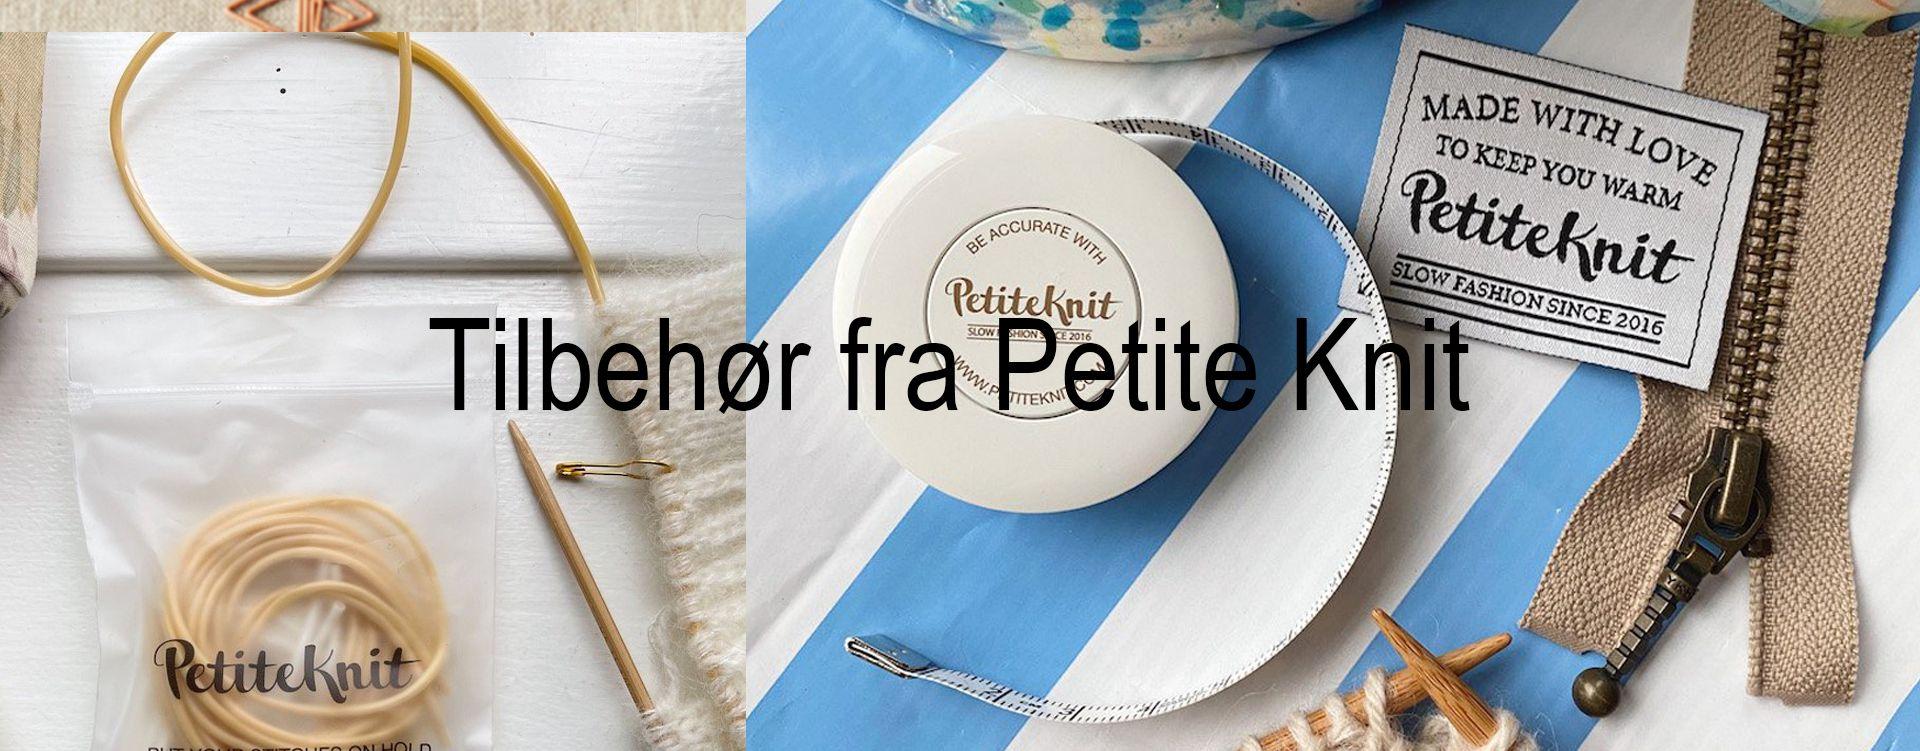 Tilbehør fra Petite Knit